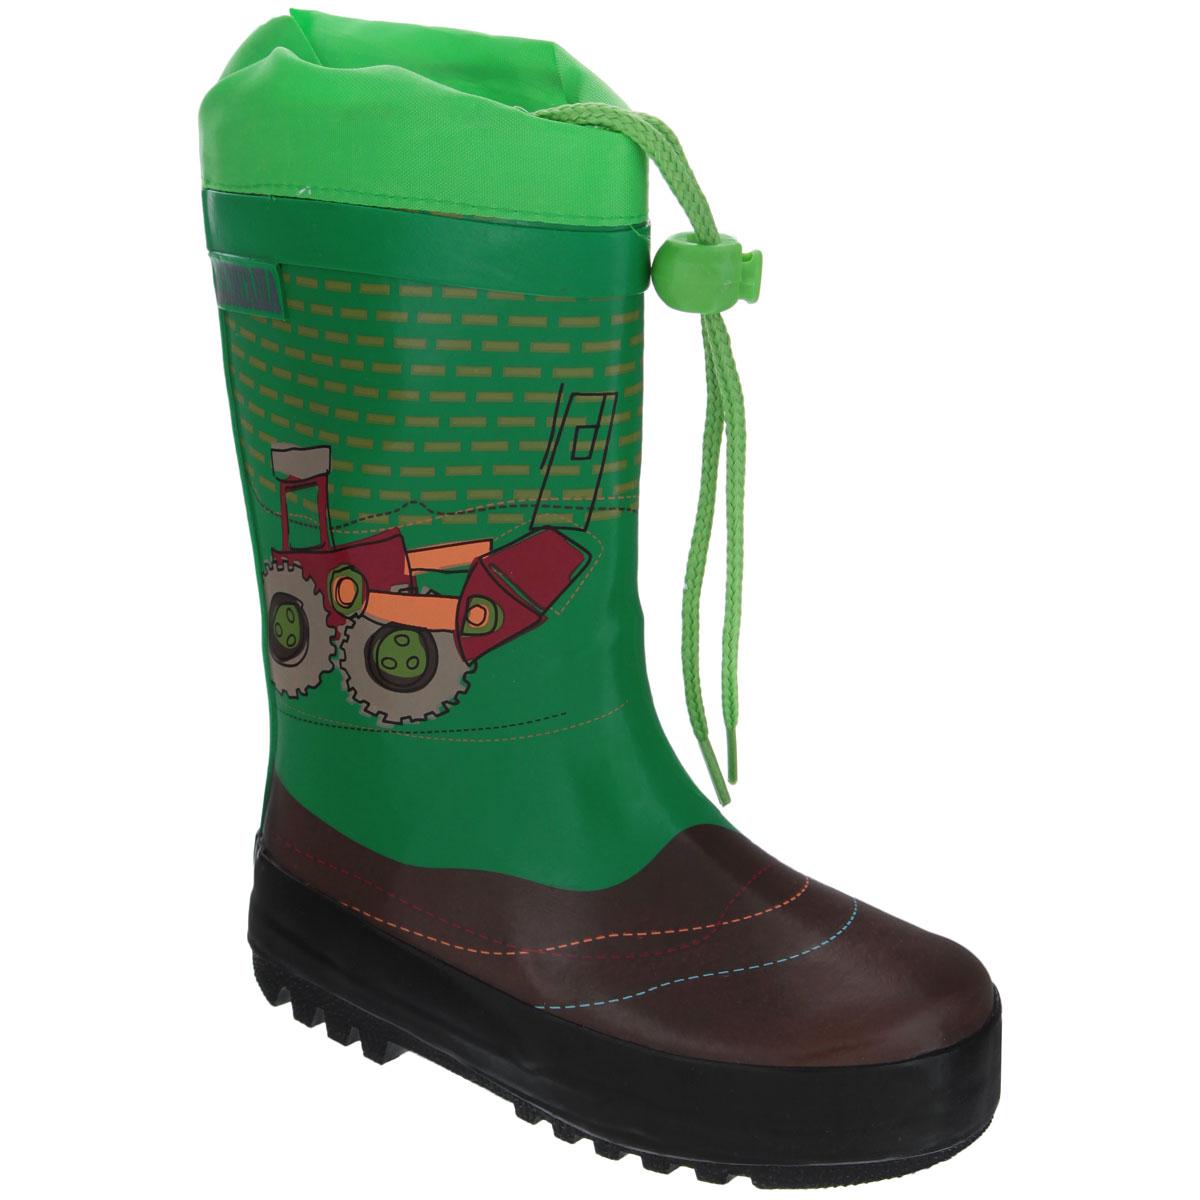 Сапоги резиновые для мальчика Аллигаша, цвет: зеленый, черный, коричневый. 13-301. Размер 22 (21)13-301Резиновые сапожки для мальчика Аллигаша - идеальная обувь в дождливую погоду. Сапоги выполнены из качественной резины и оформлены ярким принтом с изображением транспорта, а также логотипом бренда. Подкладка, выполненная из текстиля, подарит ощущение комфорта вашему ребенку. Главным преимуществом резиновых сапожек является наличие съемного текстильного носочка, что позволяет носить сапожки не только дождливым летом, но и сыройпрохладной осенью. Текстильный верх голенища регулируется в объеме за счет шнурка со стоппером.Резиновые сапожки прекрасно защитят ножки вашего ребенка от промокания в дождливый день.